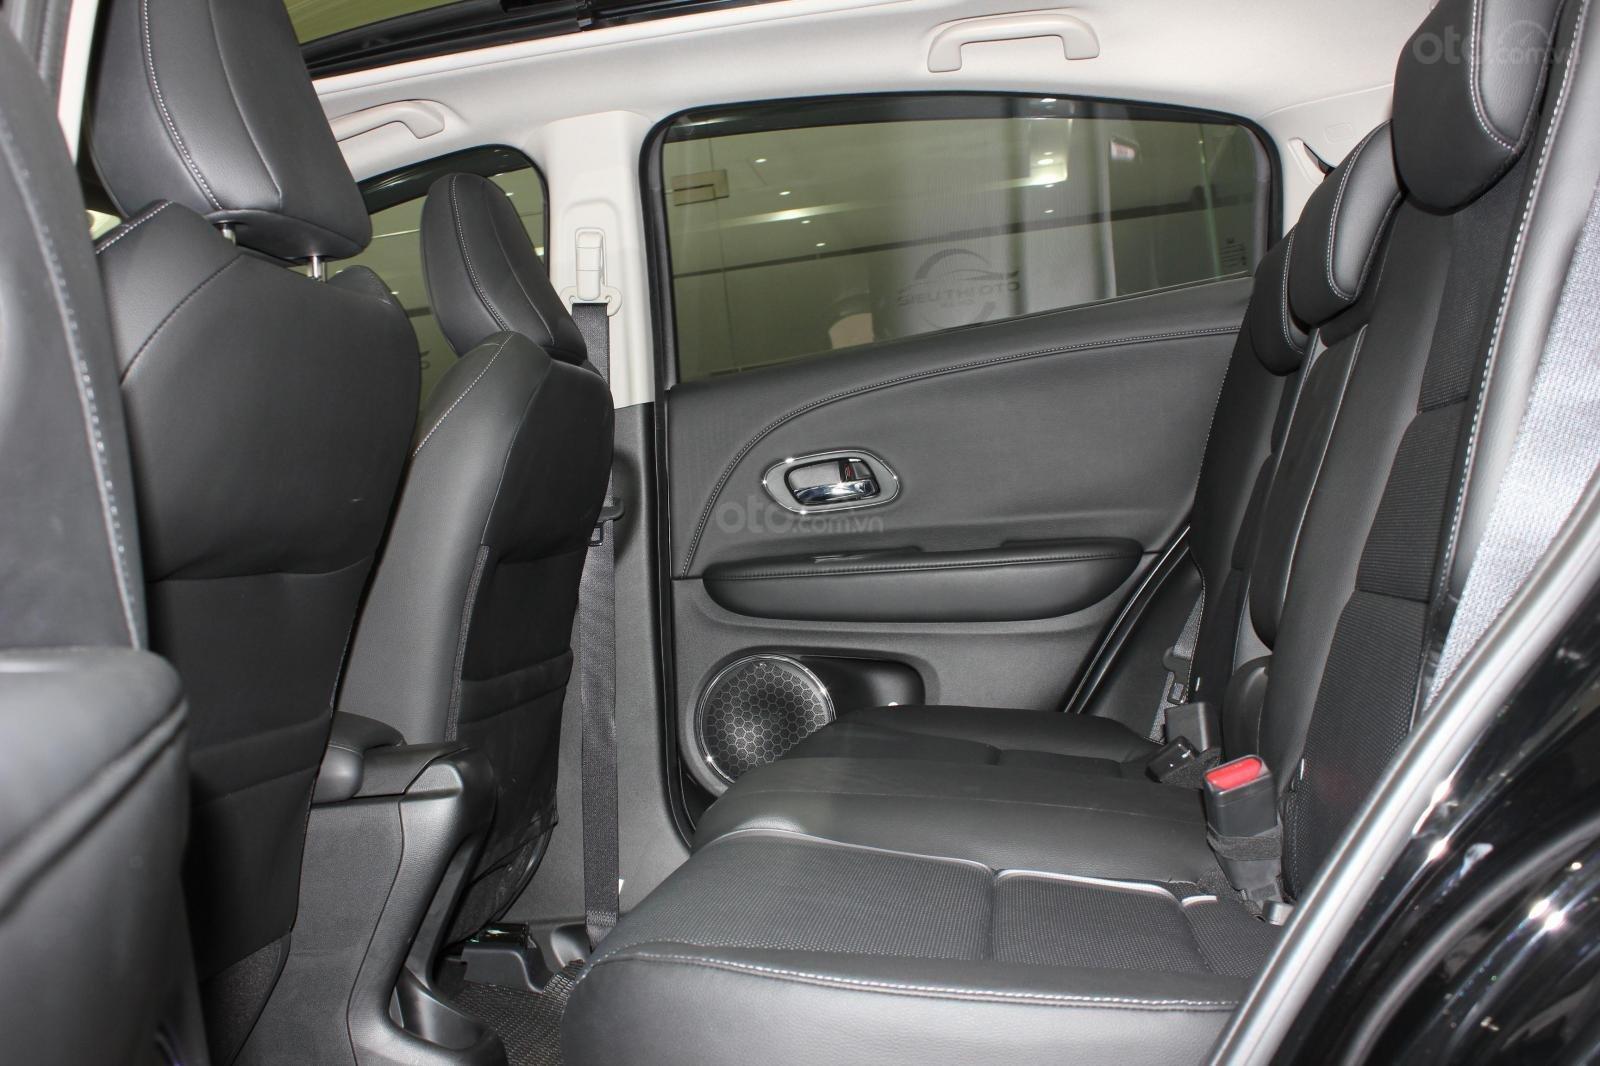 Cần bán xe Honda HR-V bản L 1.8AT SX 2018, màu đen, nhập Thái, siêu lướt 1300km, biển SG (17)